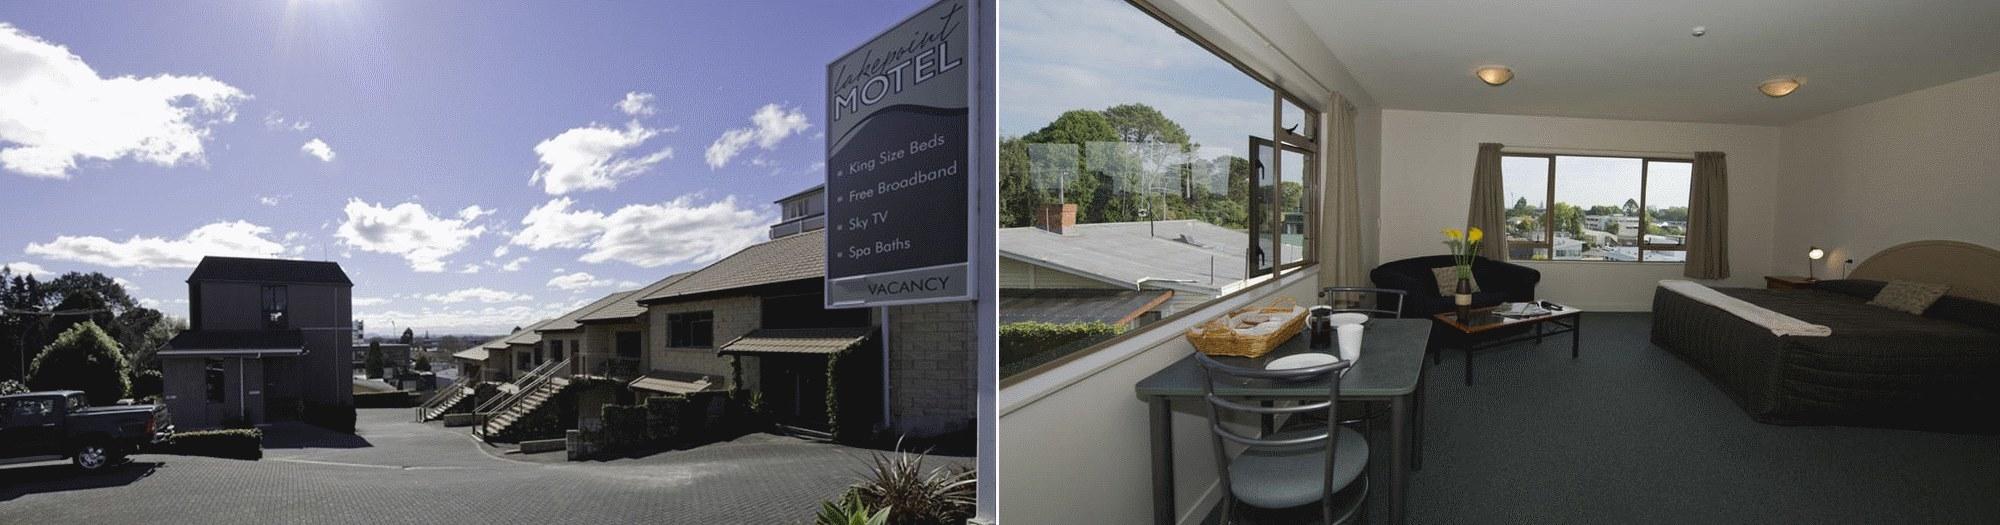 Accommodaton Hamilton City NZ Motels Near Hospital